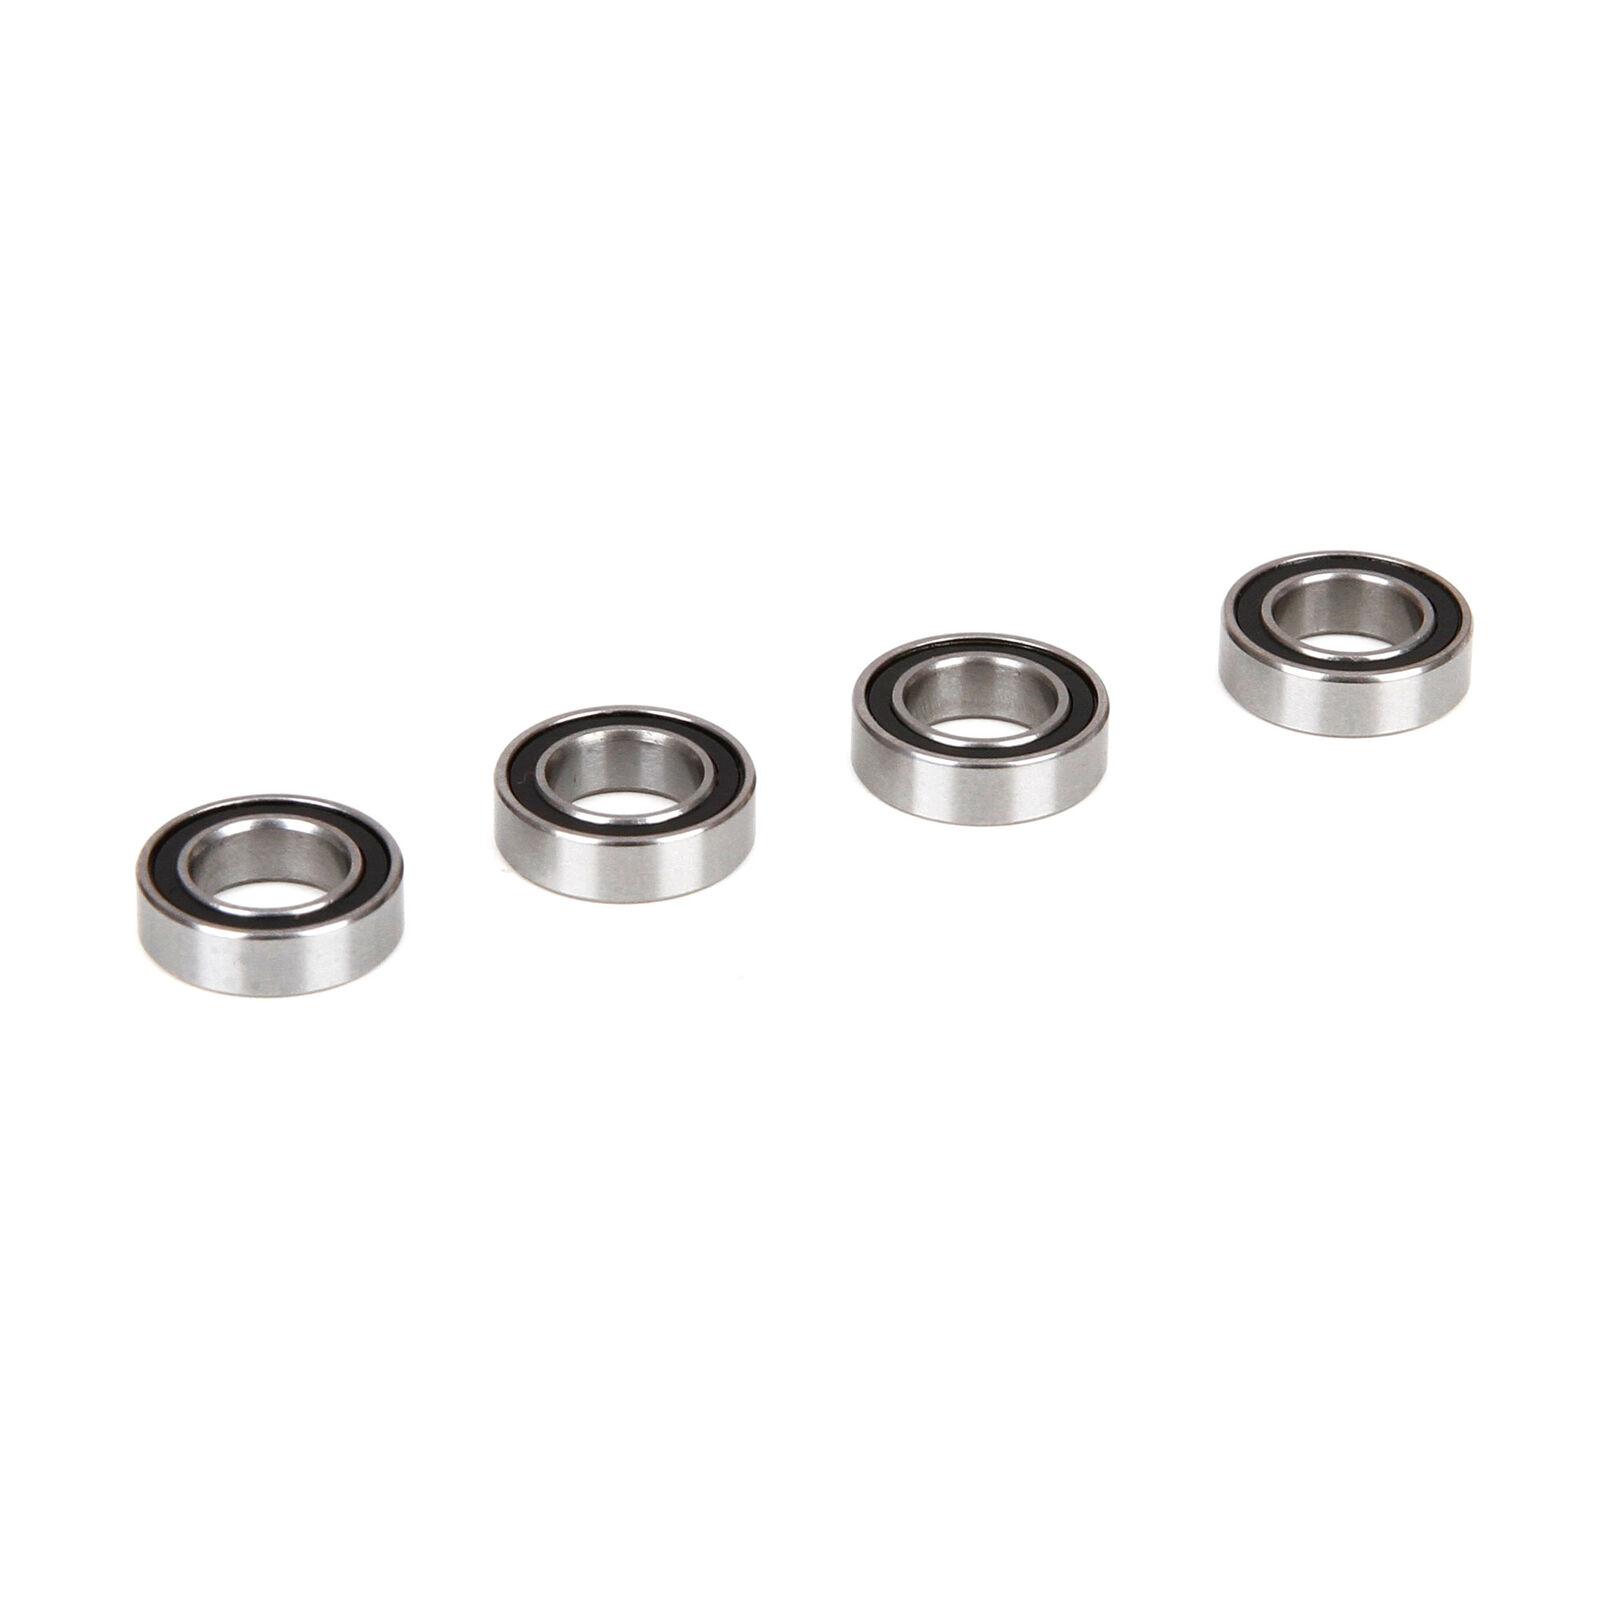 Ball Bearing, 8 x 14 x T4mm (4)